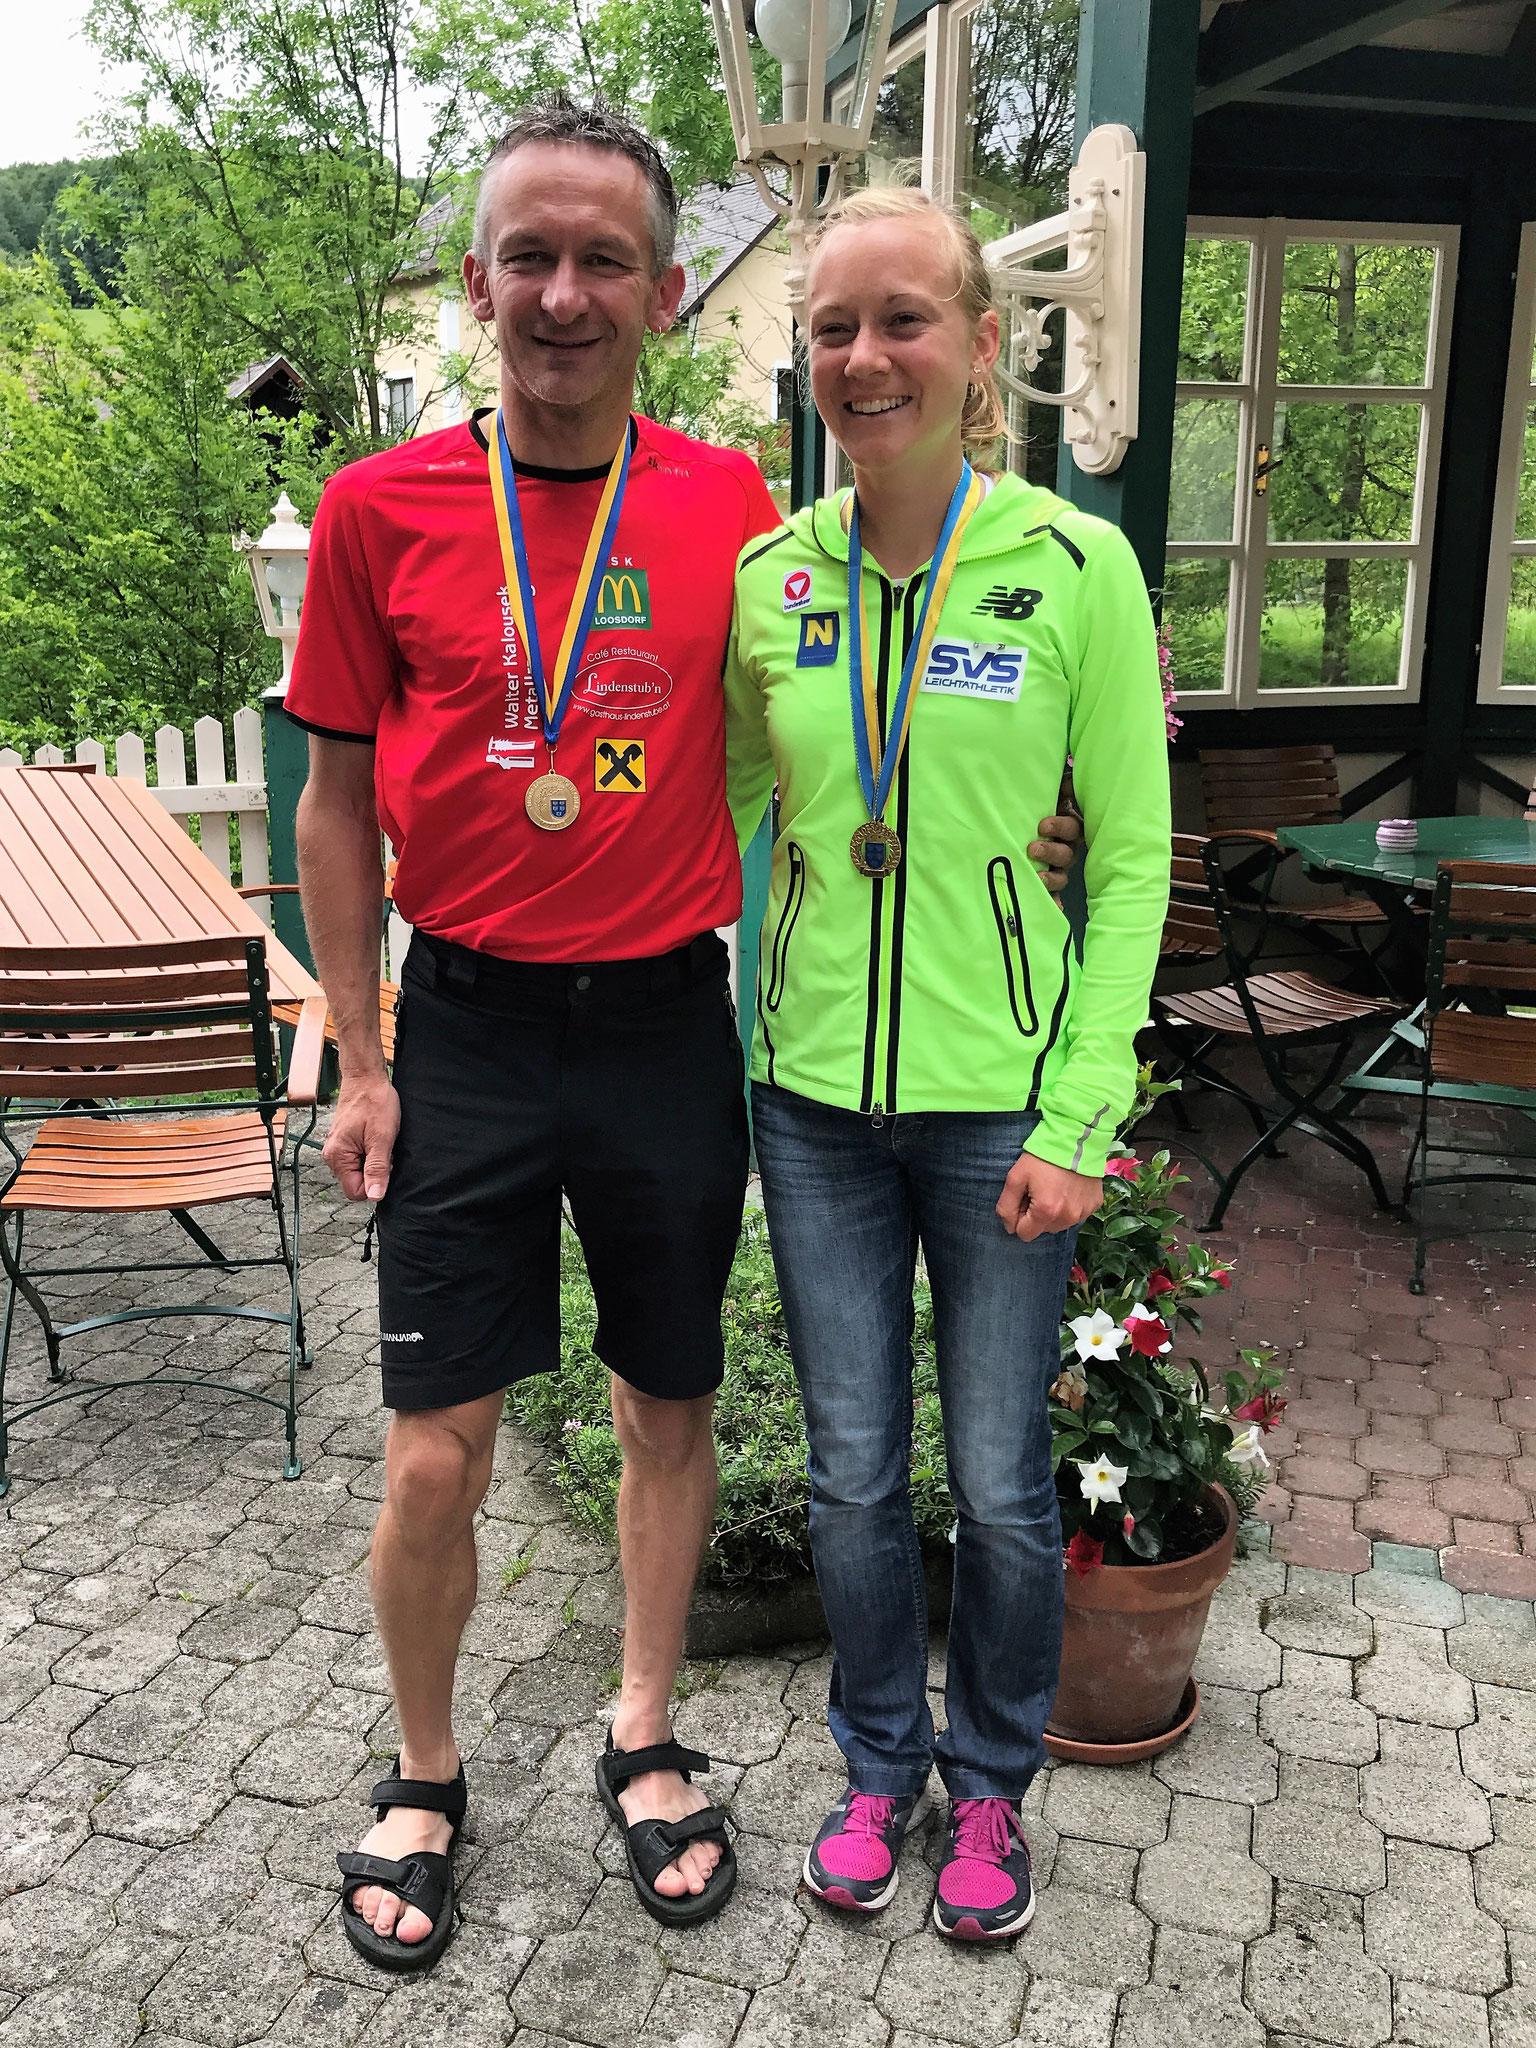 Alois holte sich neben dem Gesamtsieg auch den Landesmeistertitel. Hier mit unserer Olympiateilnehmerin  Jennifer Wendt